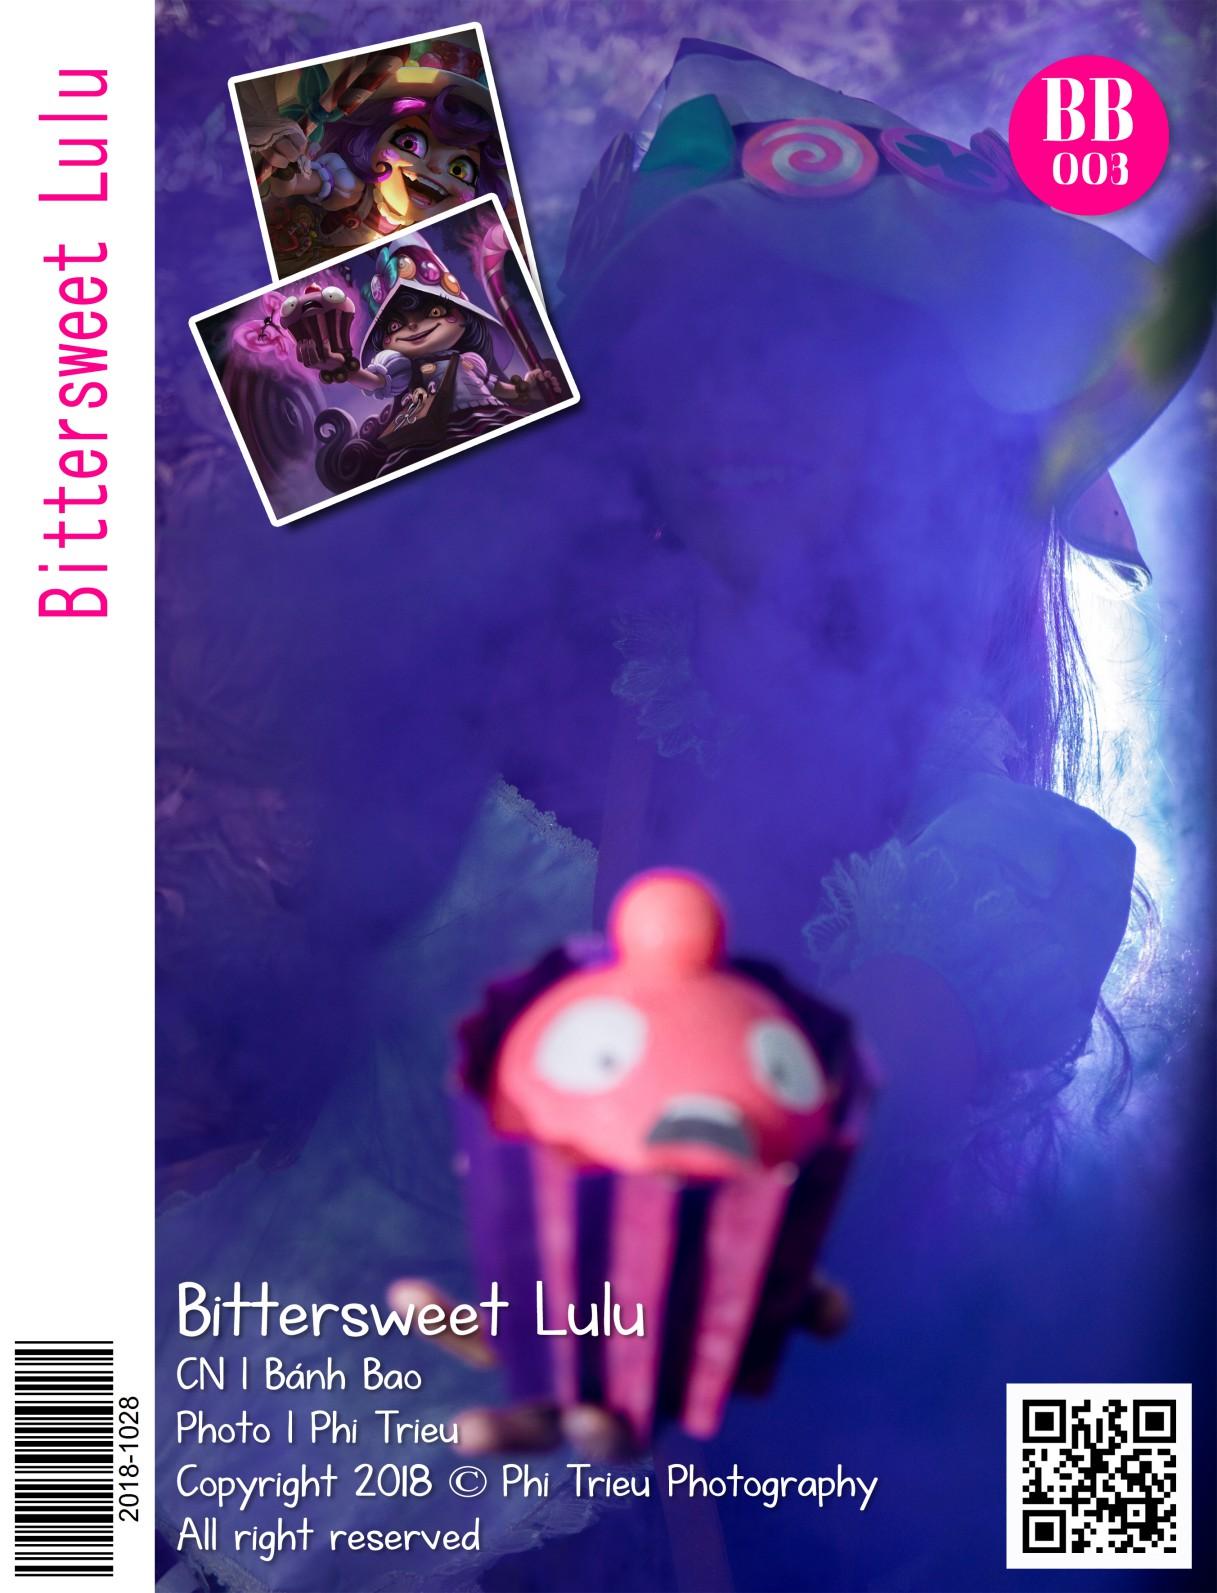 [BB003] Bittersweet Lulu